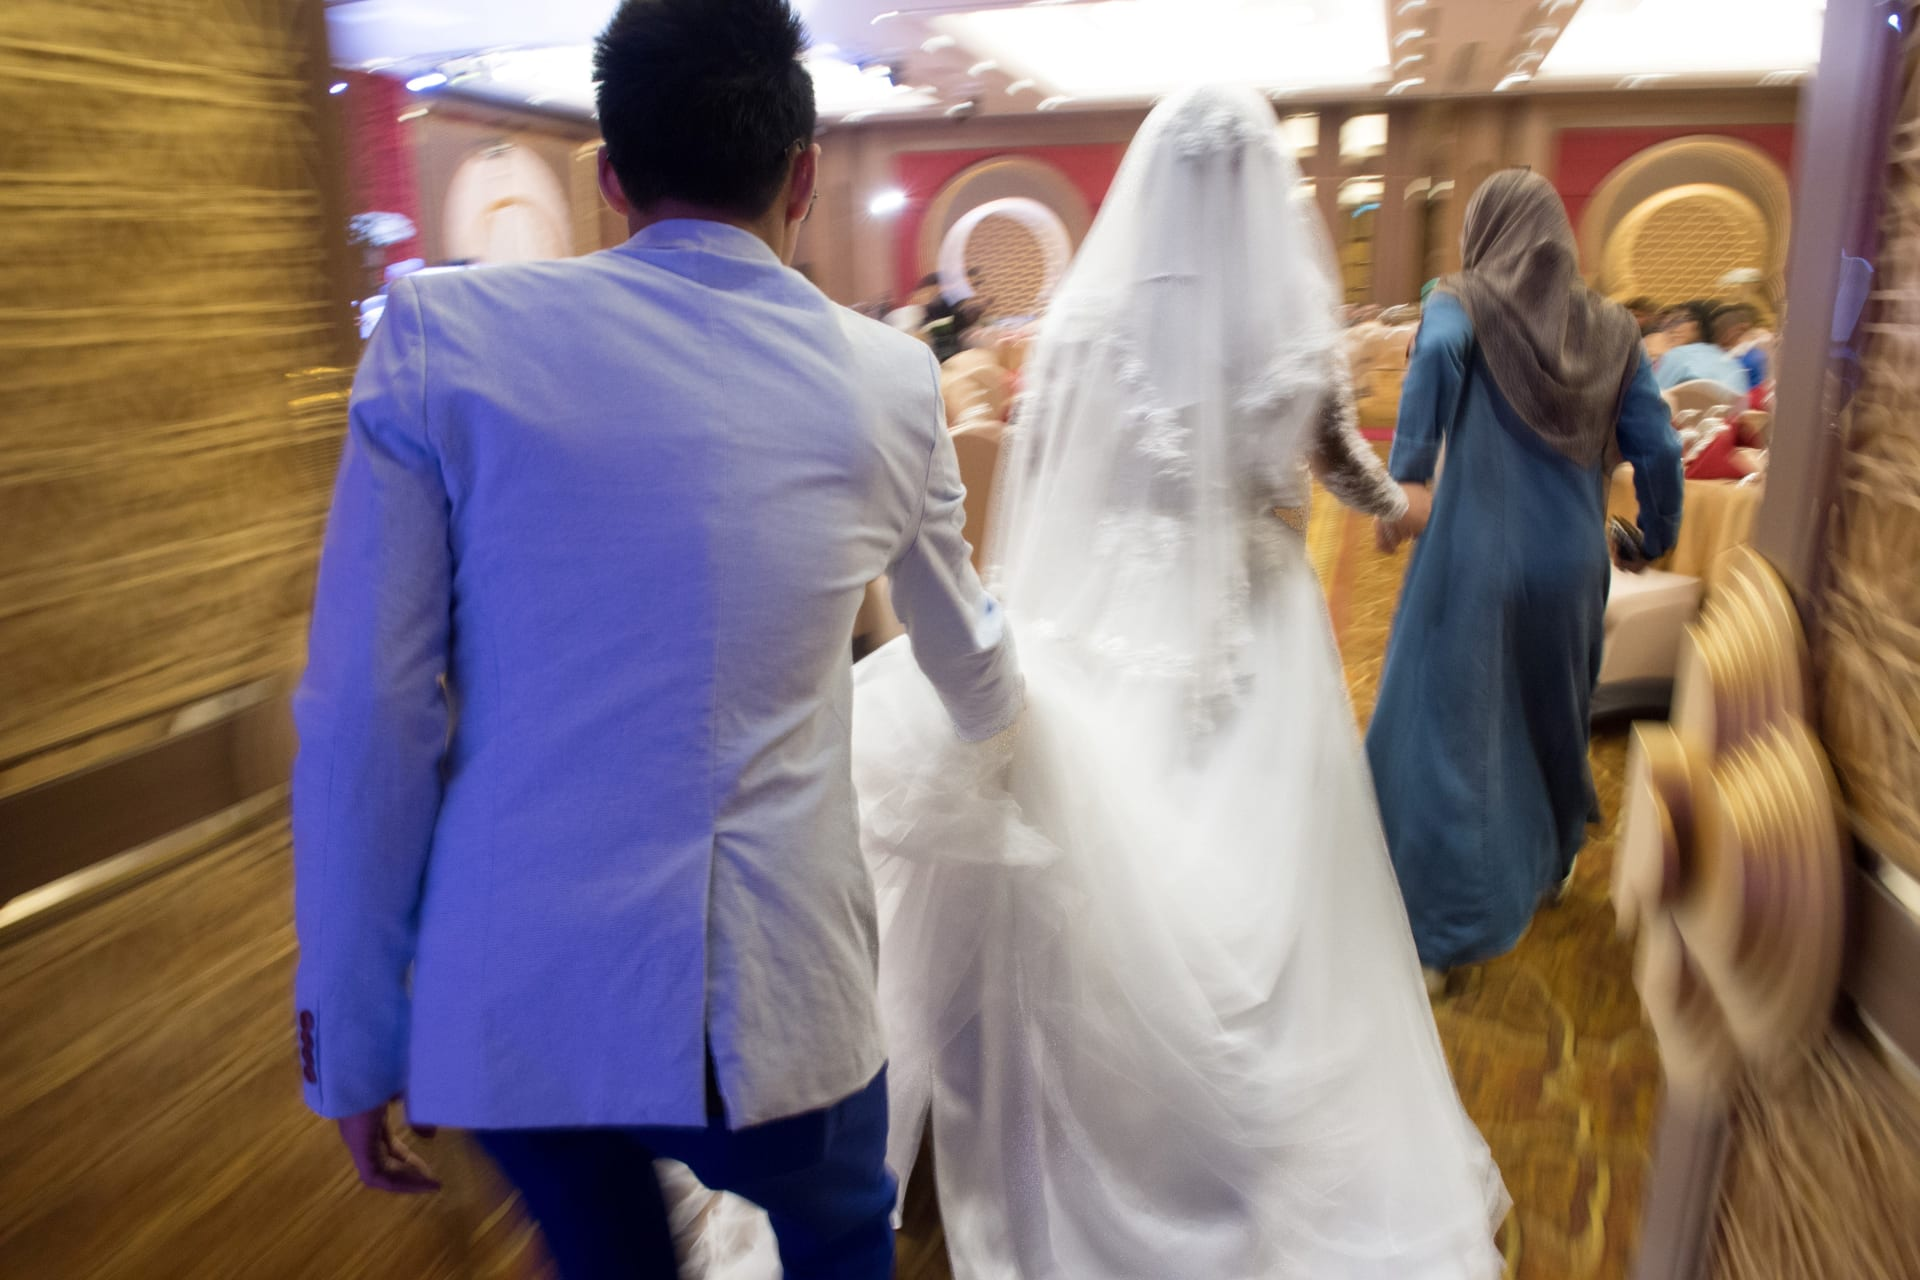 صورة أرشيفية تعبيرية من حفل زفاف واصطحاب عروس إلى قاعة زفاف